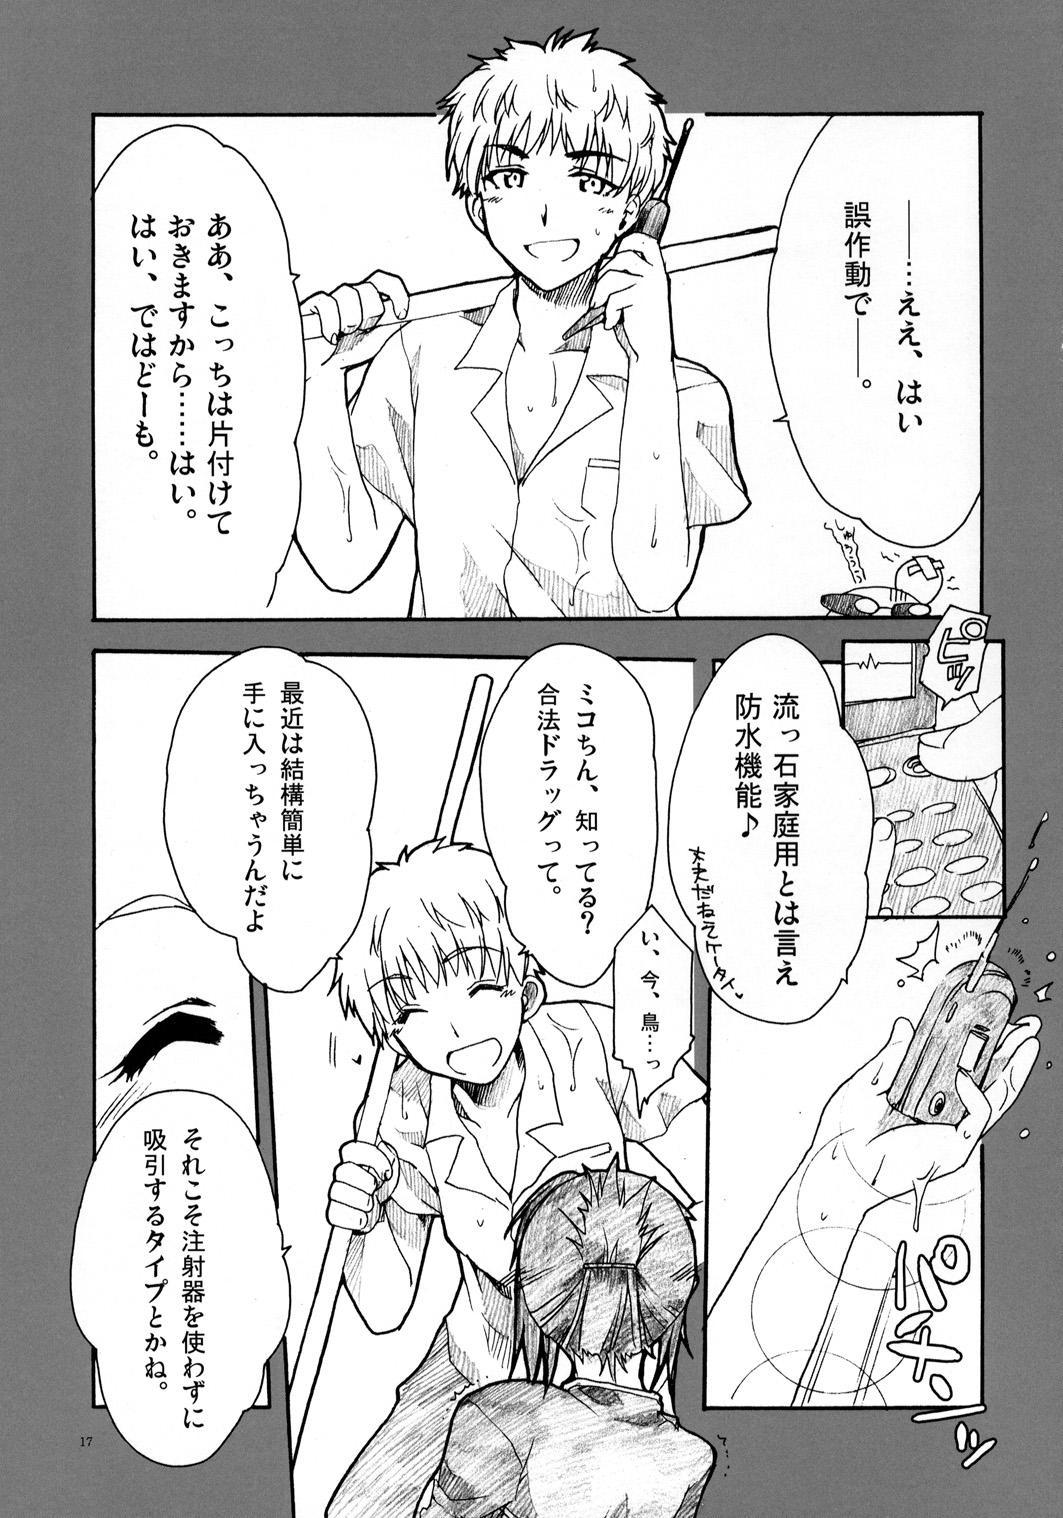 Zenyasai 15